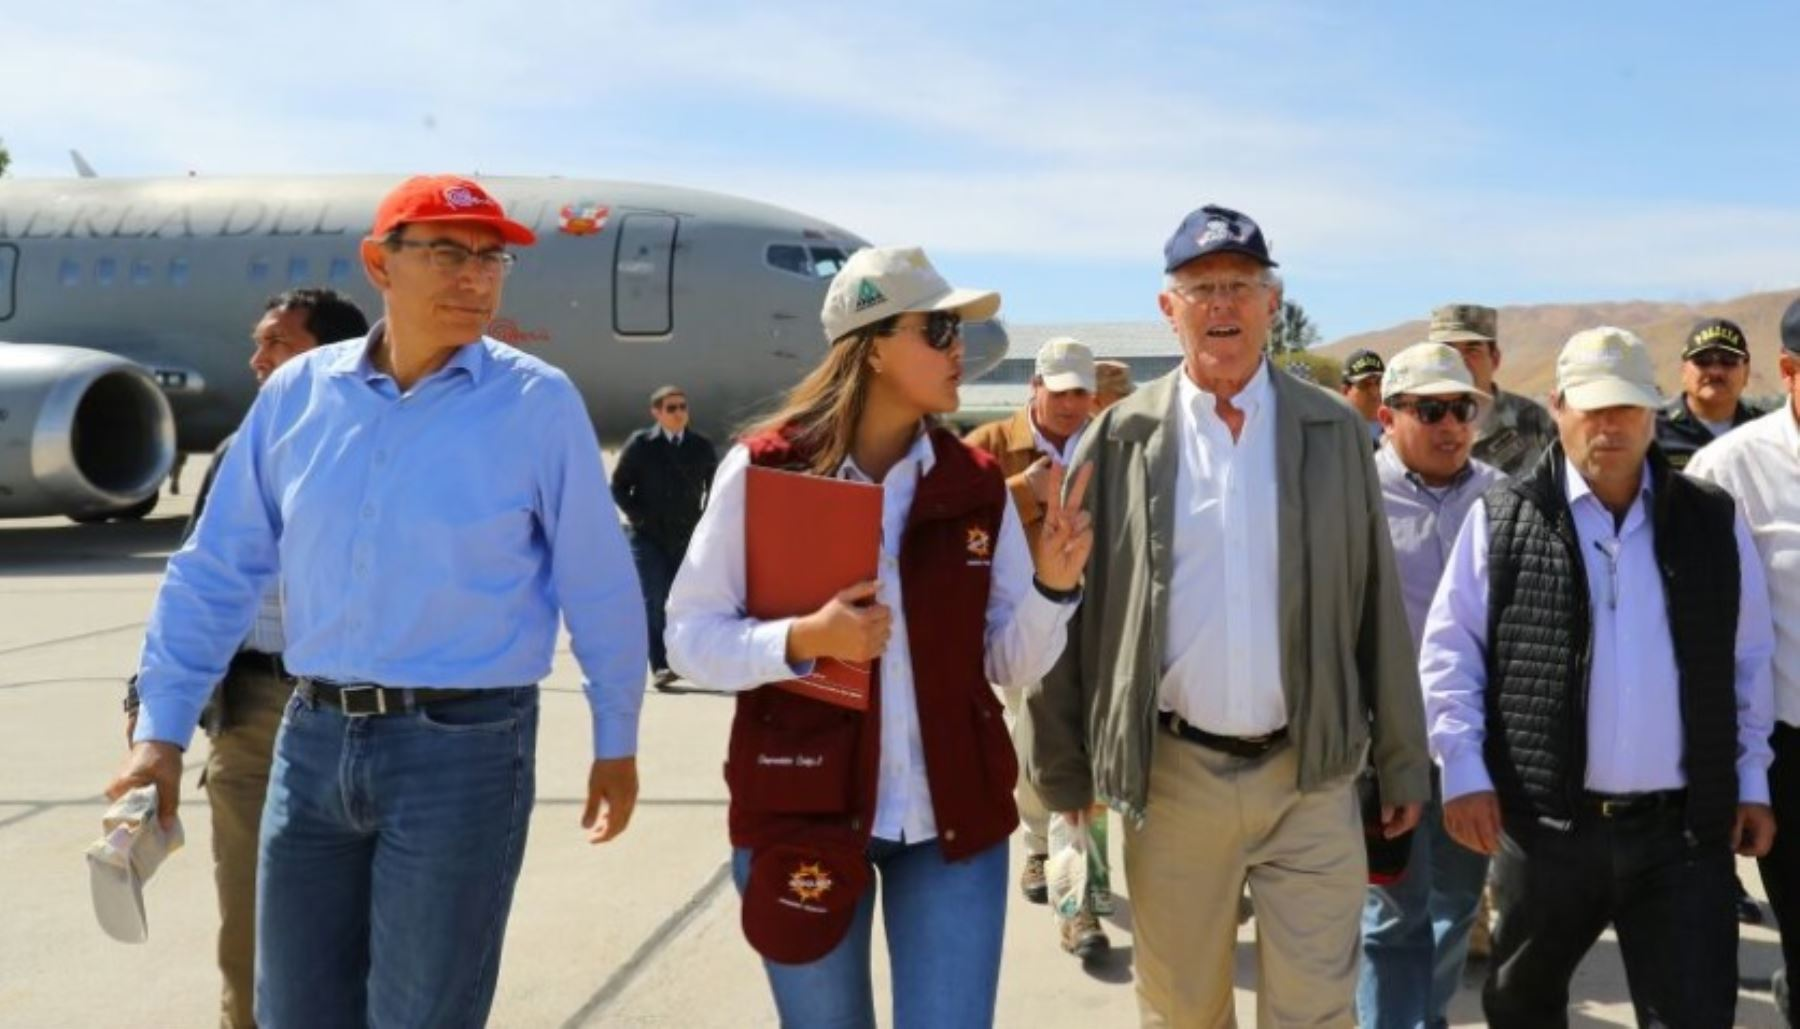 La gobernadora regional de Arequipa, Yamila Osorio, y el presidente de la República, Pedro Pablo Kuczynski, supervisan los trabajos de limpieza y rehabilitación que se ejecutan en la Panamericana Sur,